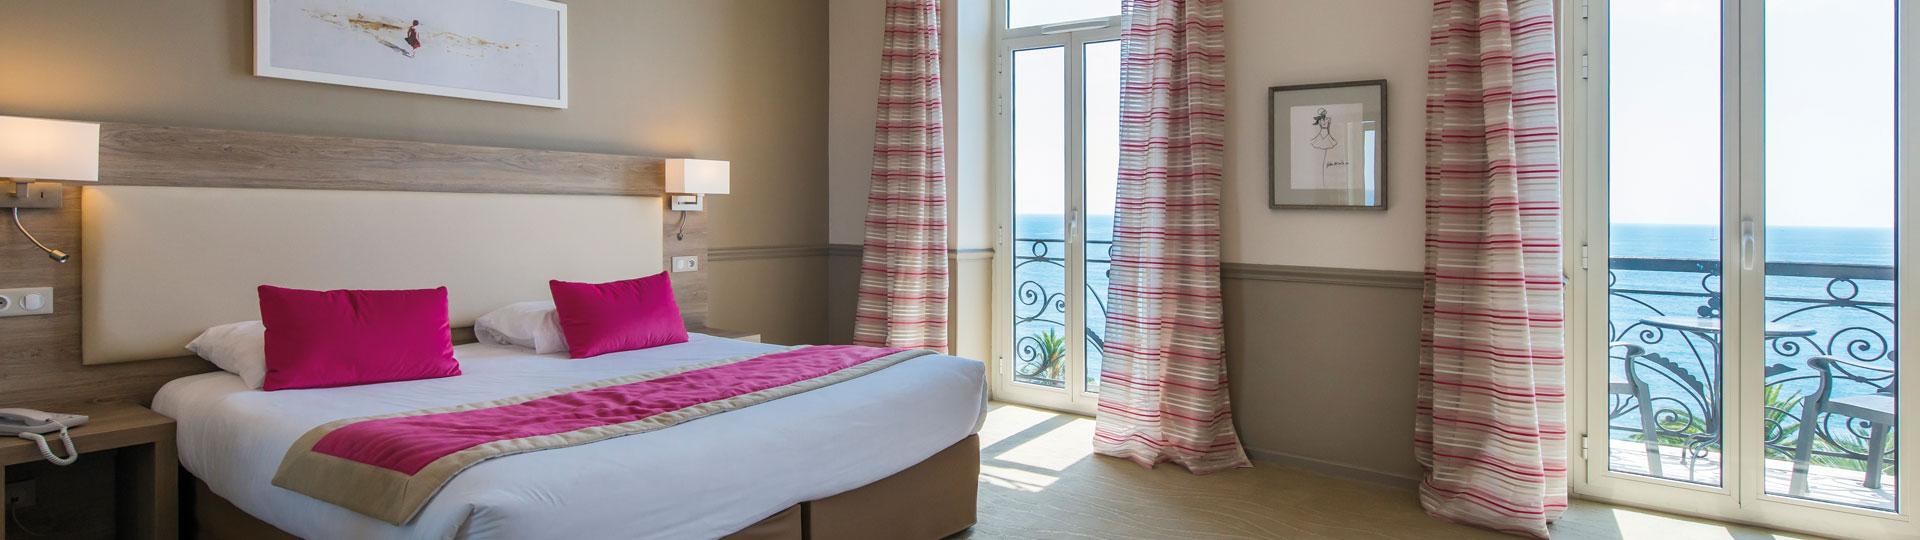 Chambre Confort vue mer - Hôtel Royal Westminster